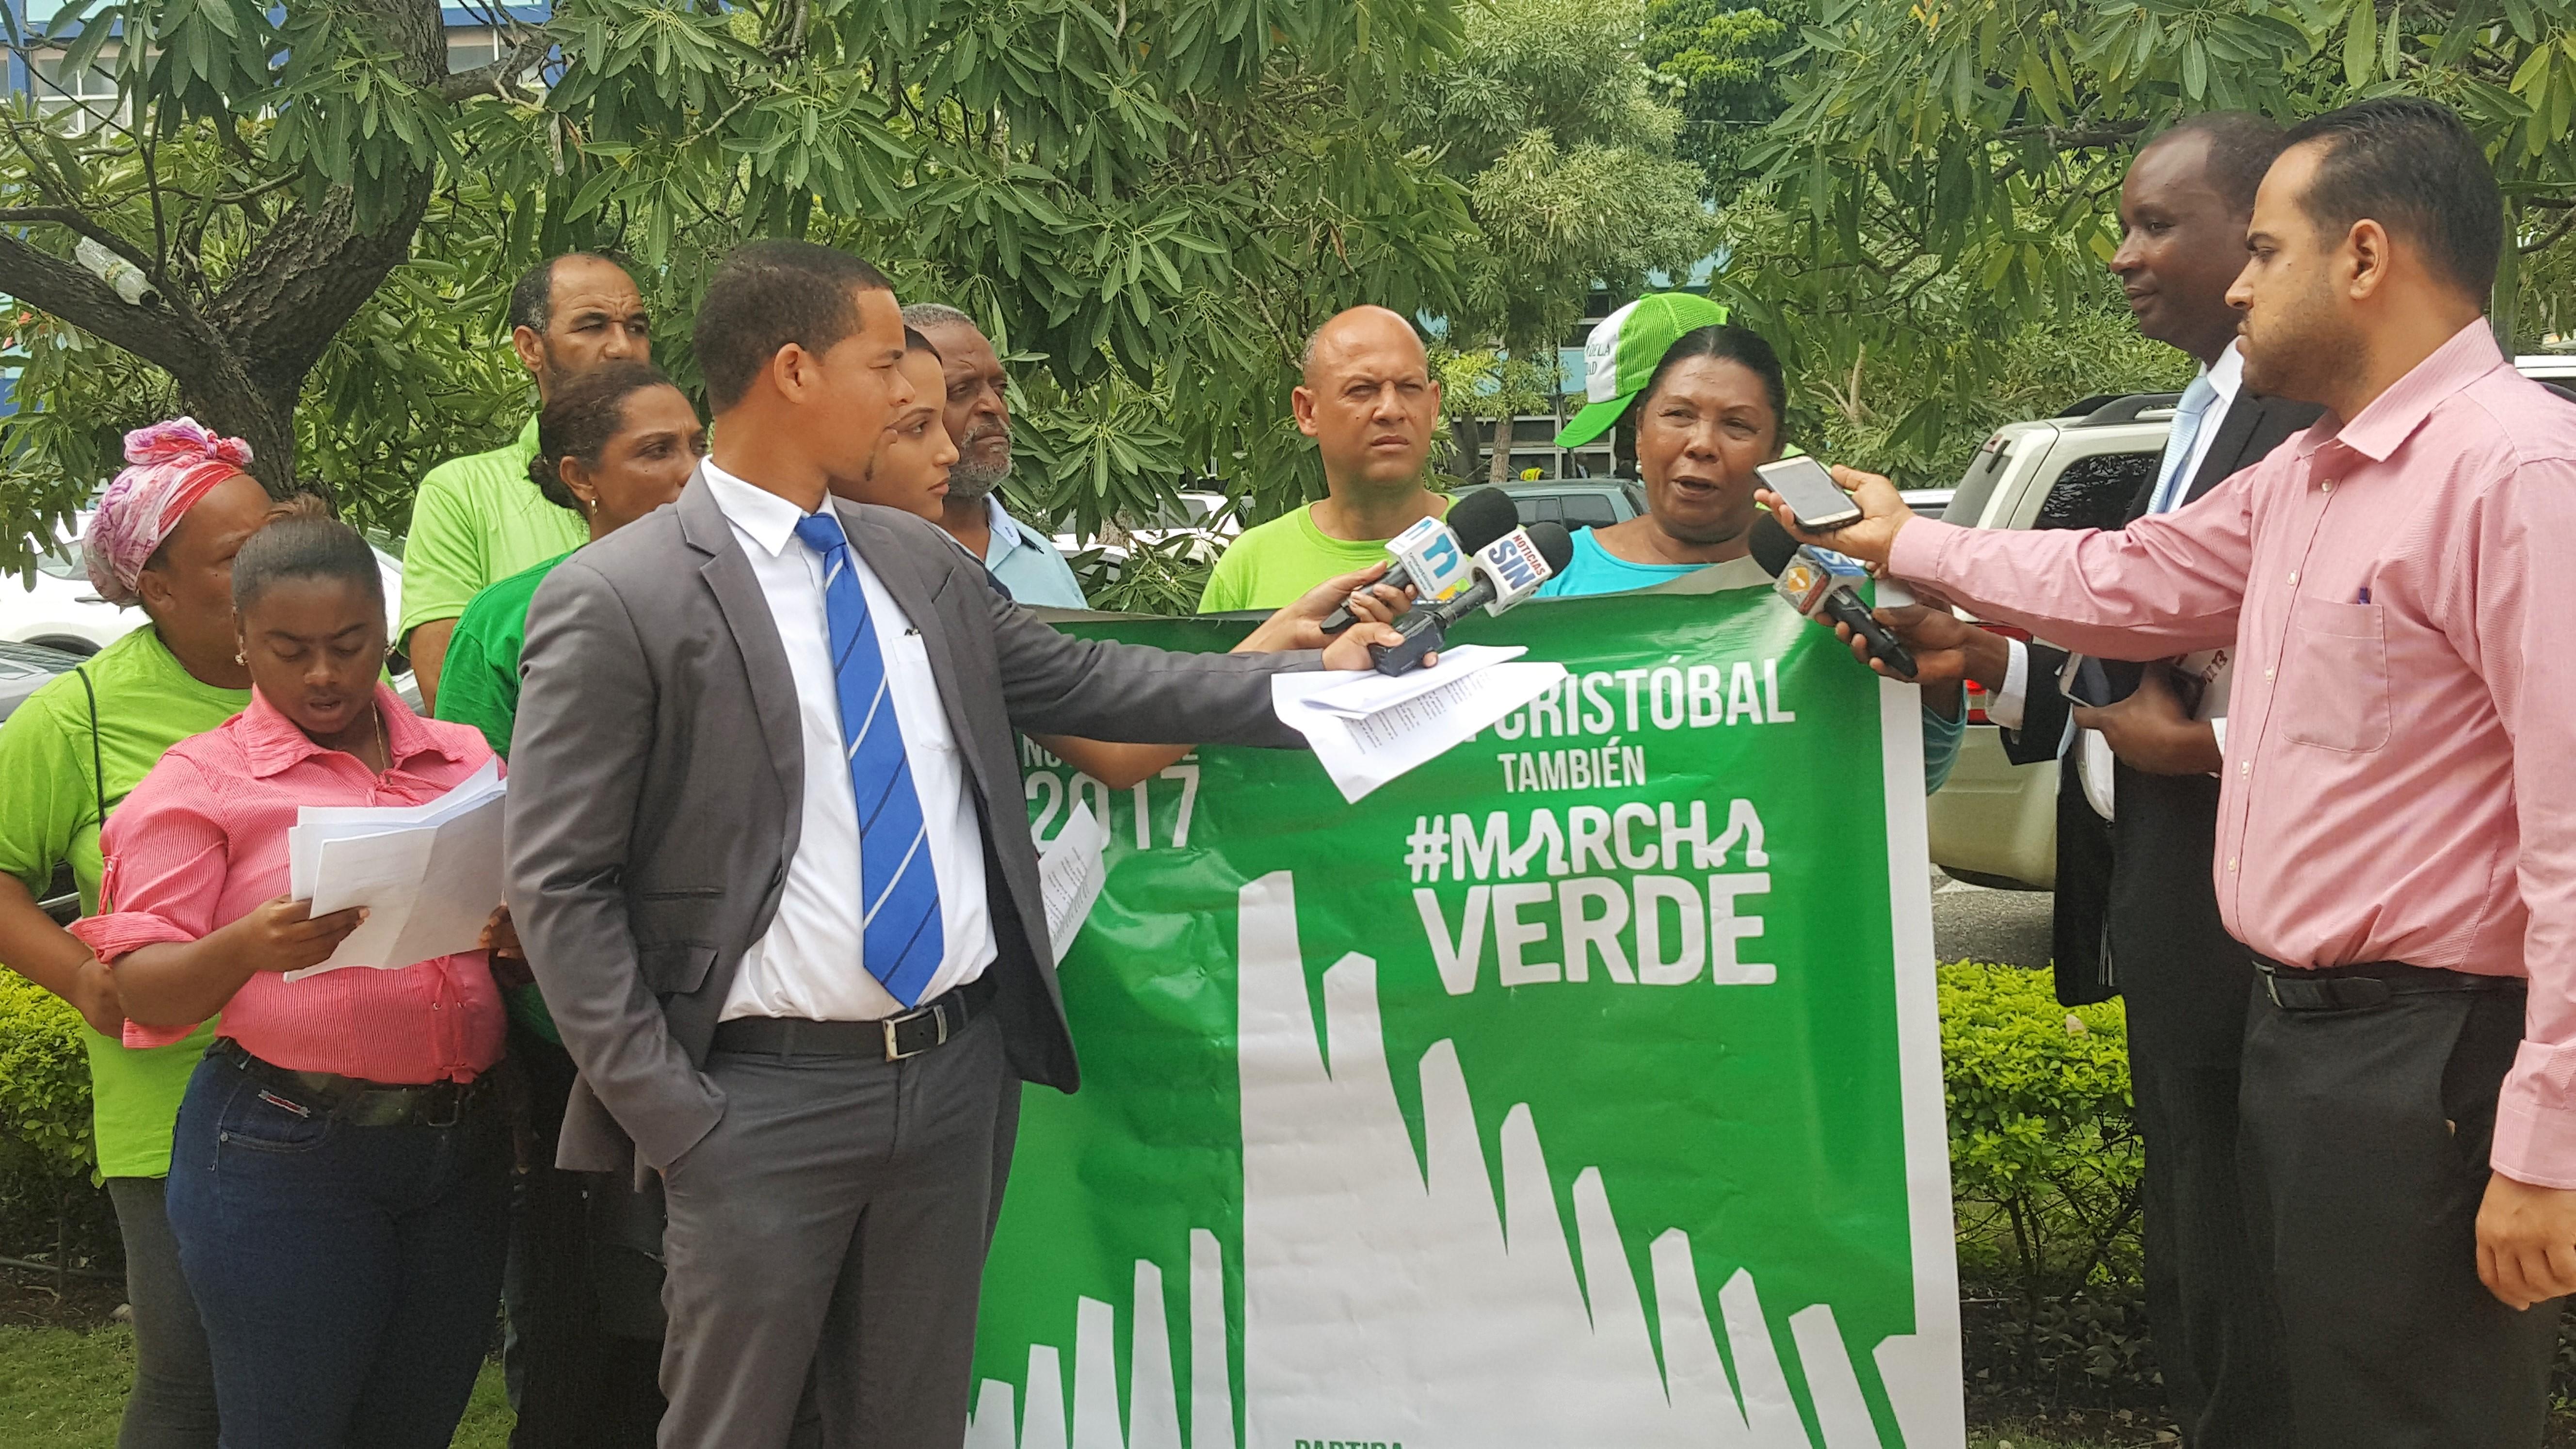 Marcha Verde se movilizará simultáneamente en San Cristóbal y Mao este domingo 5 de noviembre